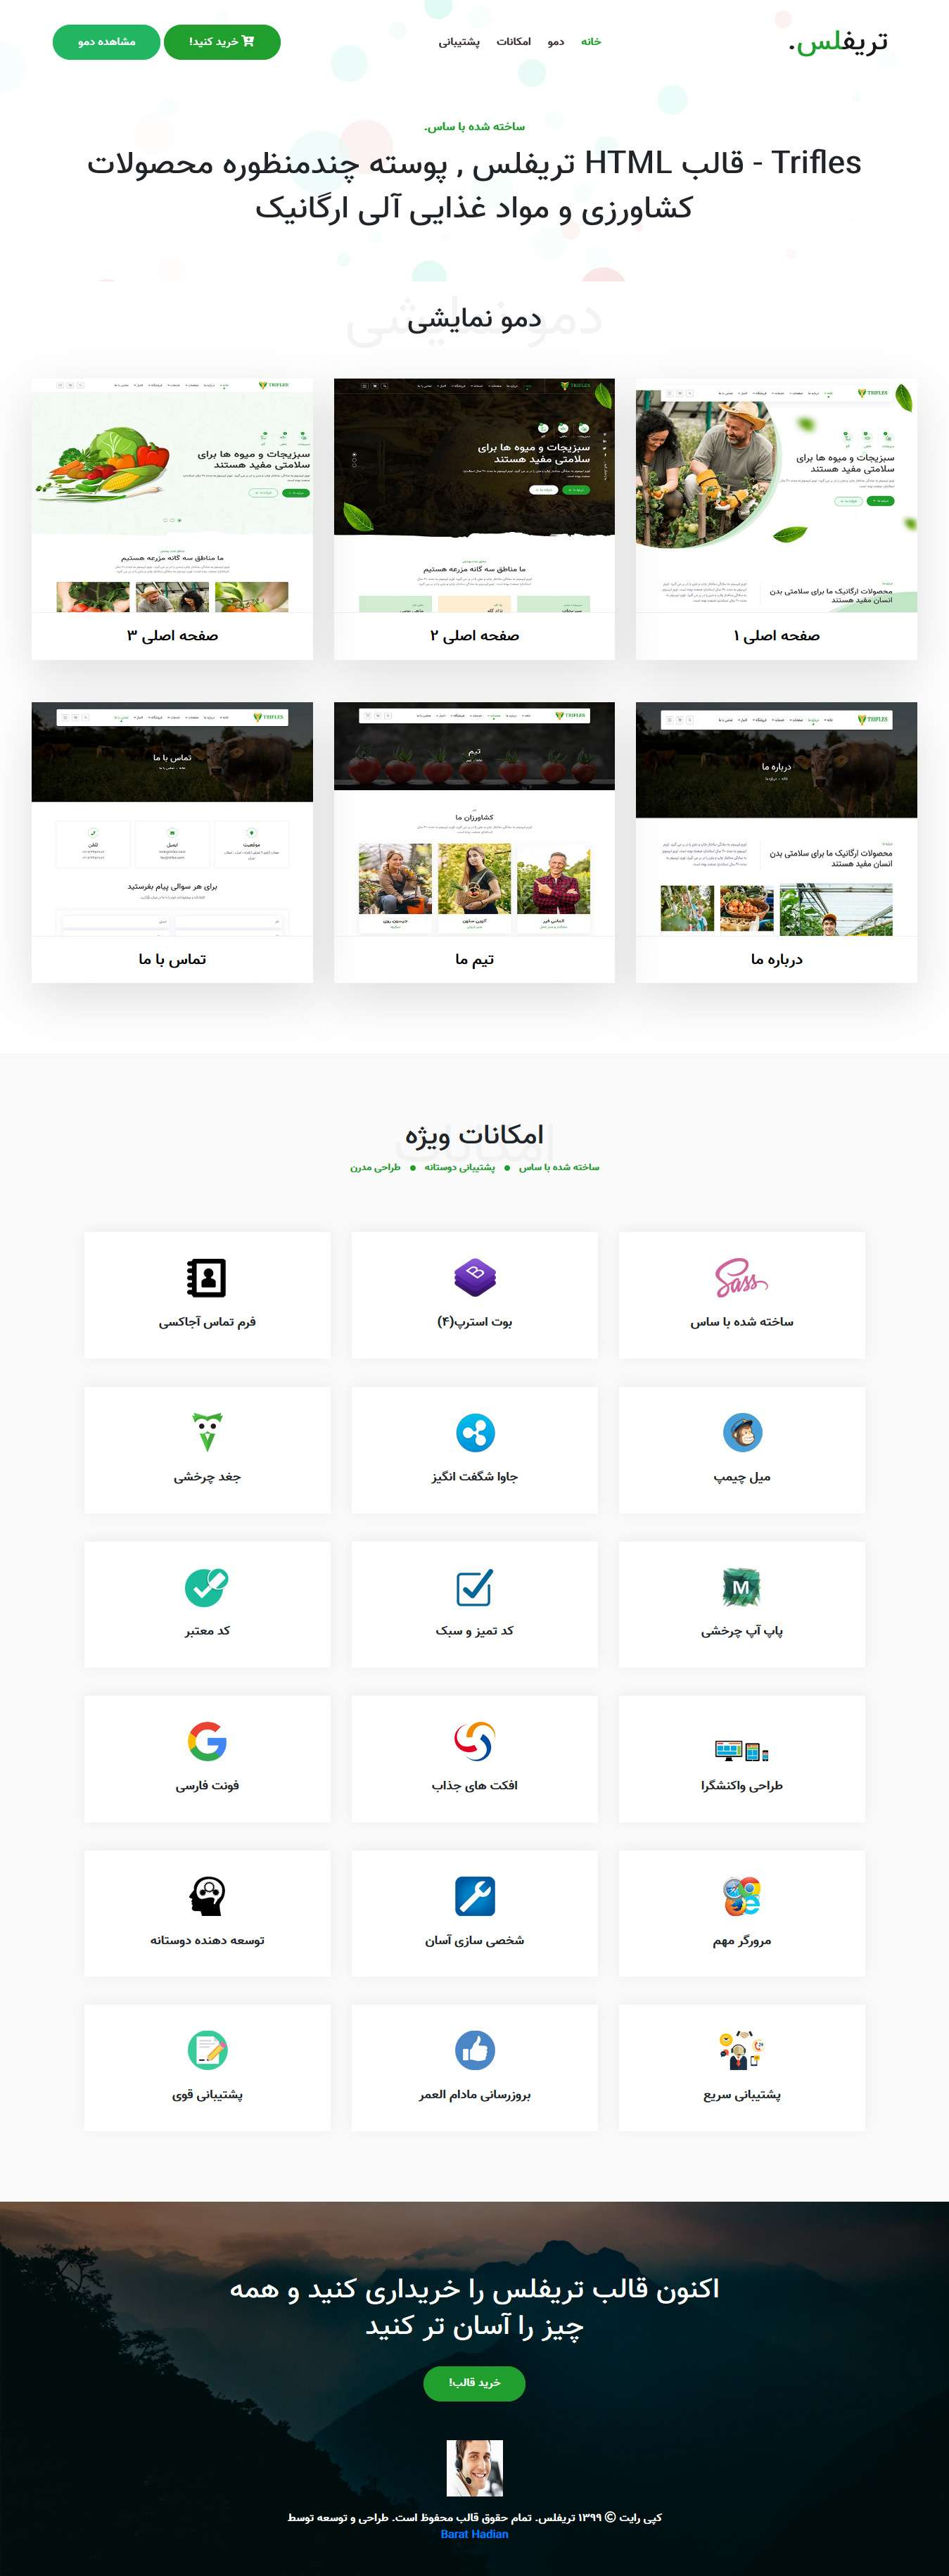 قالب HTML Trifles | قالب HTML شرکتی و کشاورزی